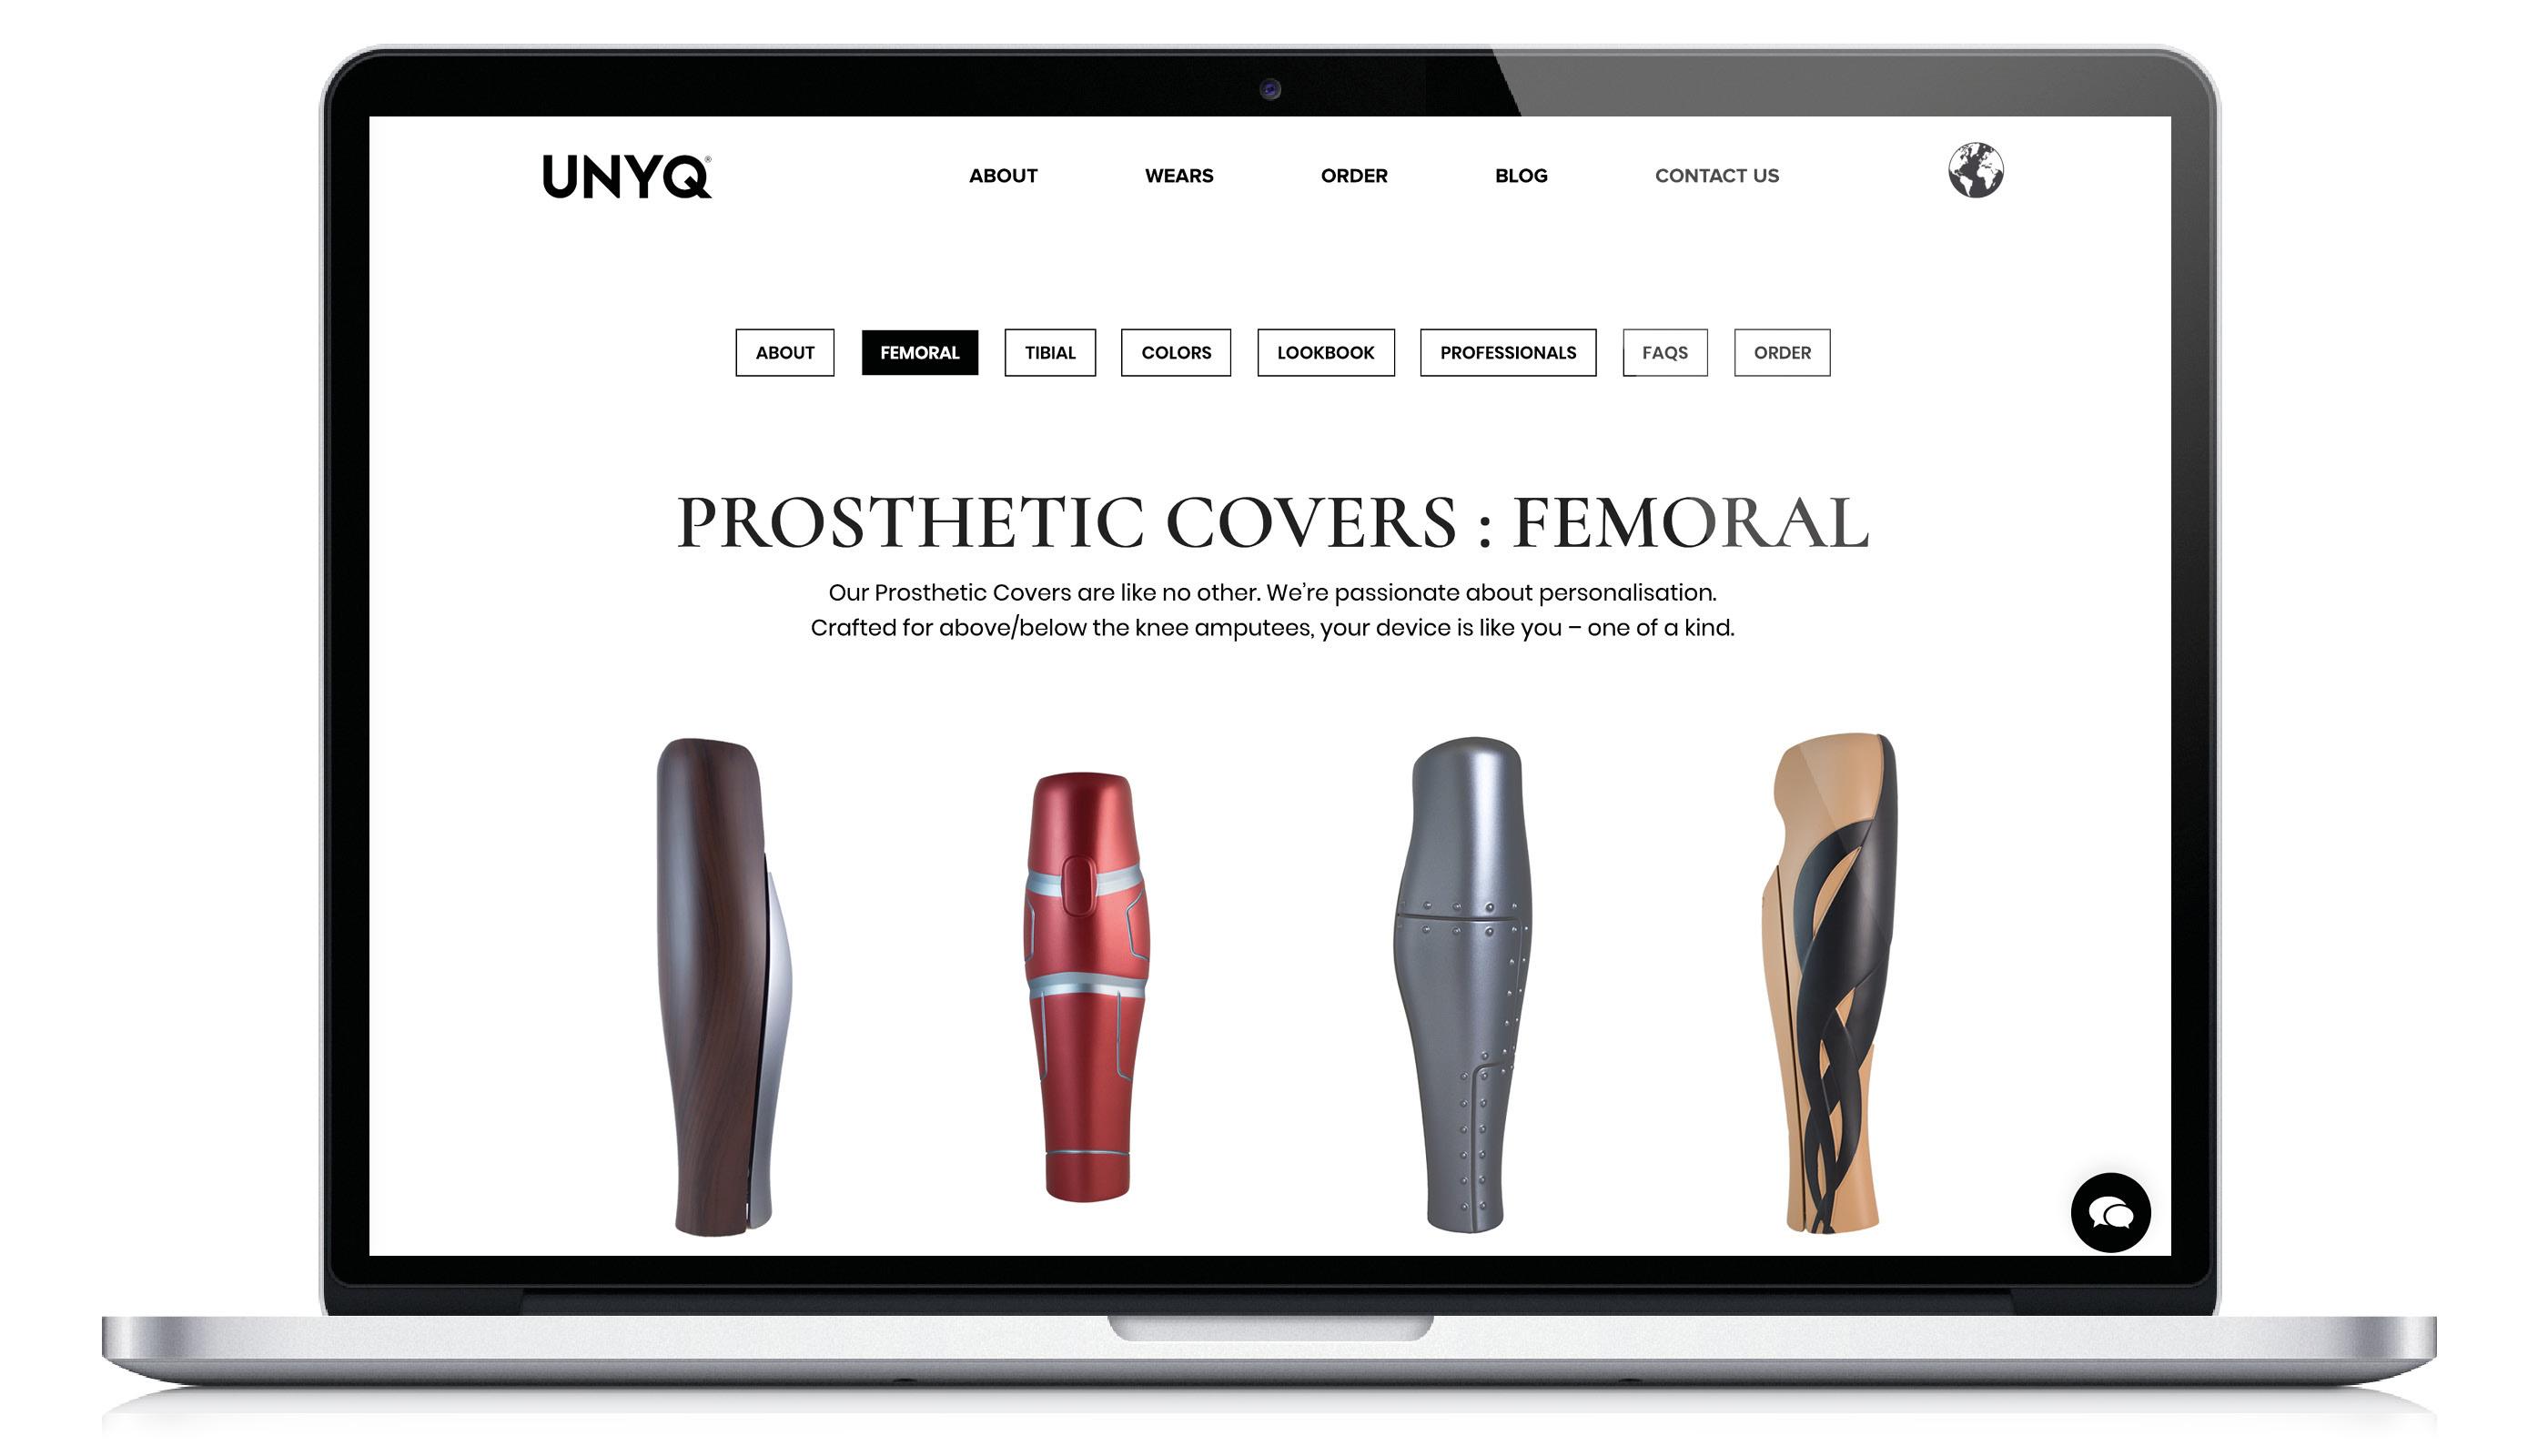 unyq_webdesign_03